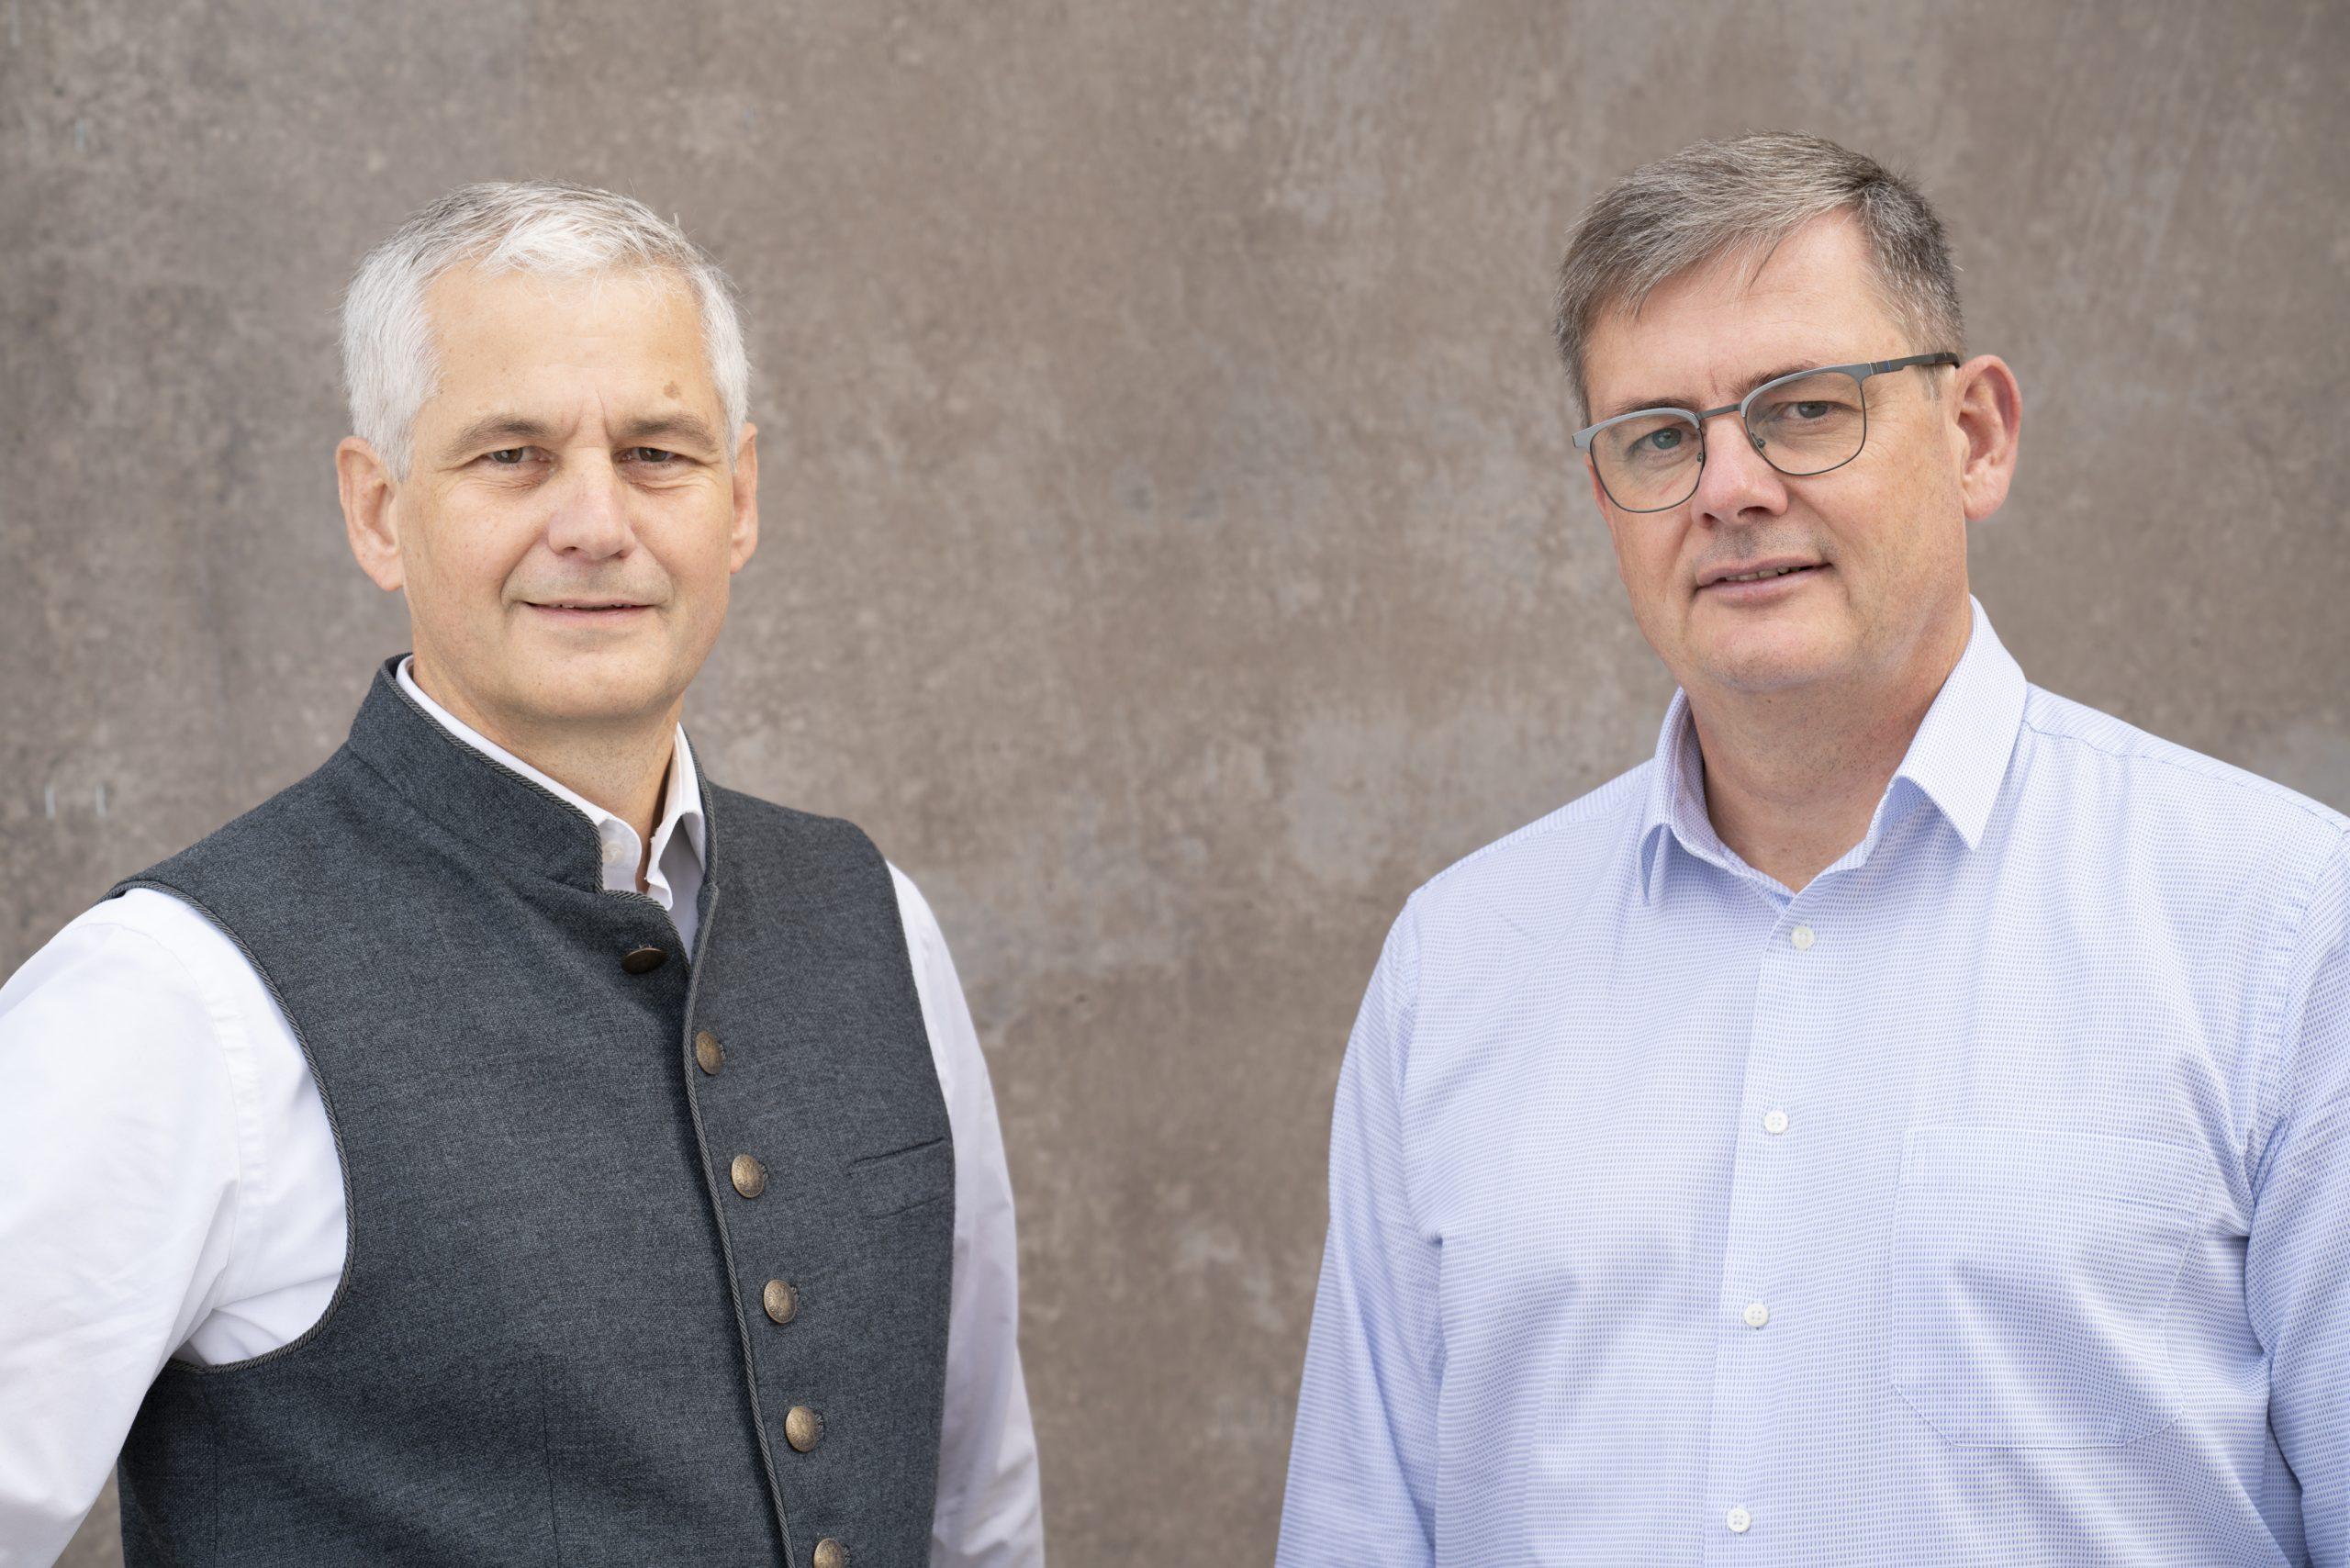 Die steirischen Telbiomed-Gründer Peter Kastner und Robert Modre-Osprian sind in Australien erfolgreich (Foto: Lorenz Kastner)